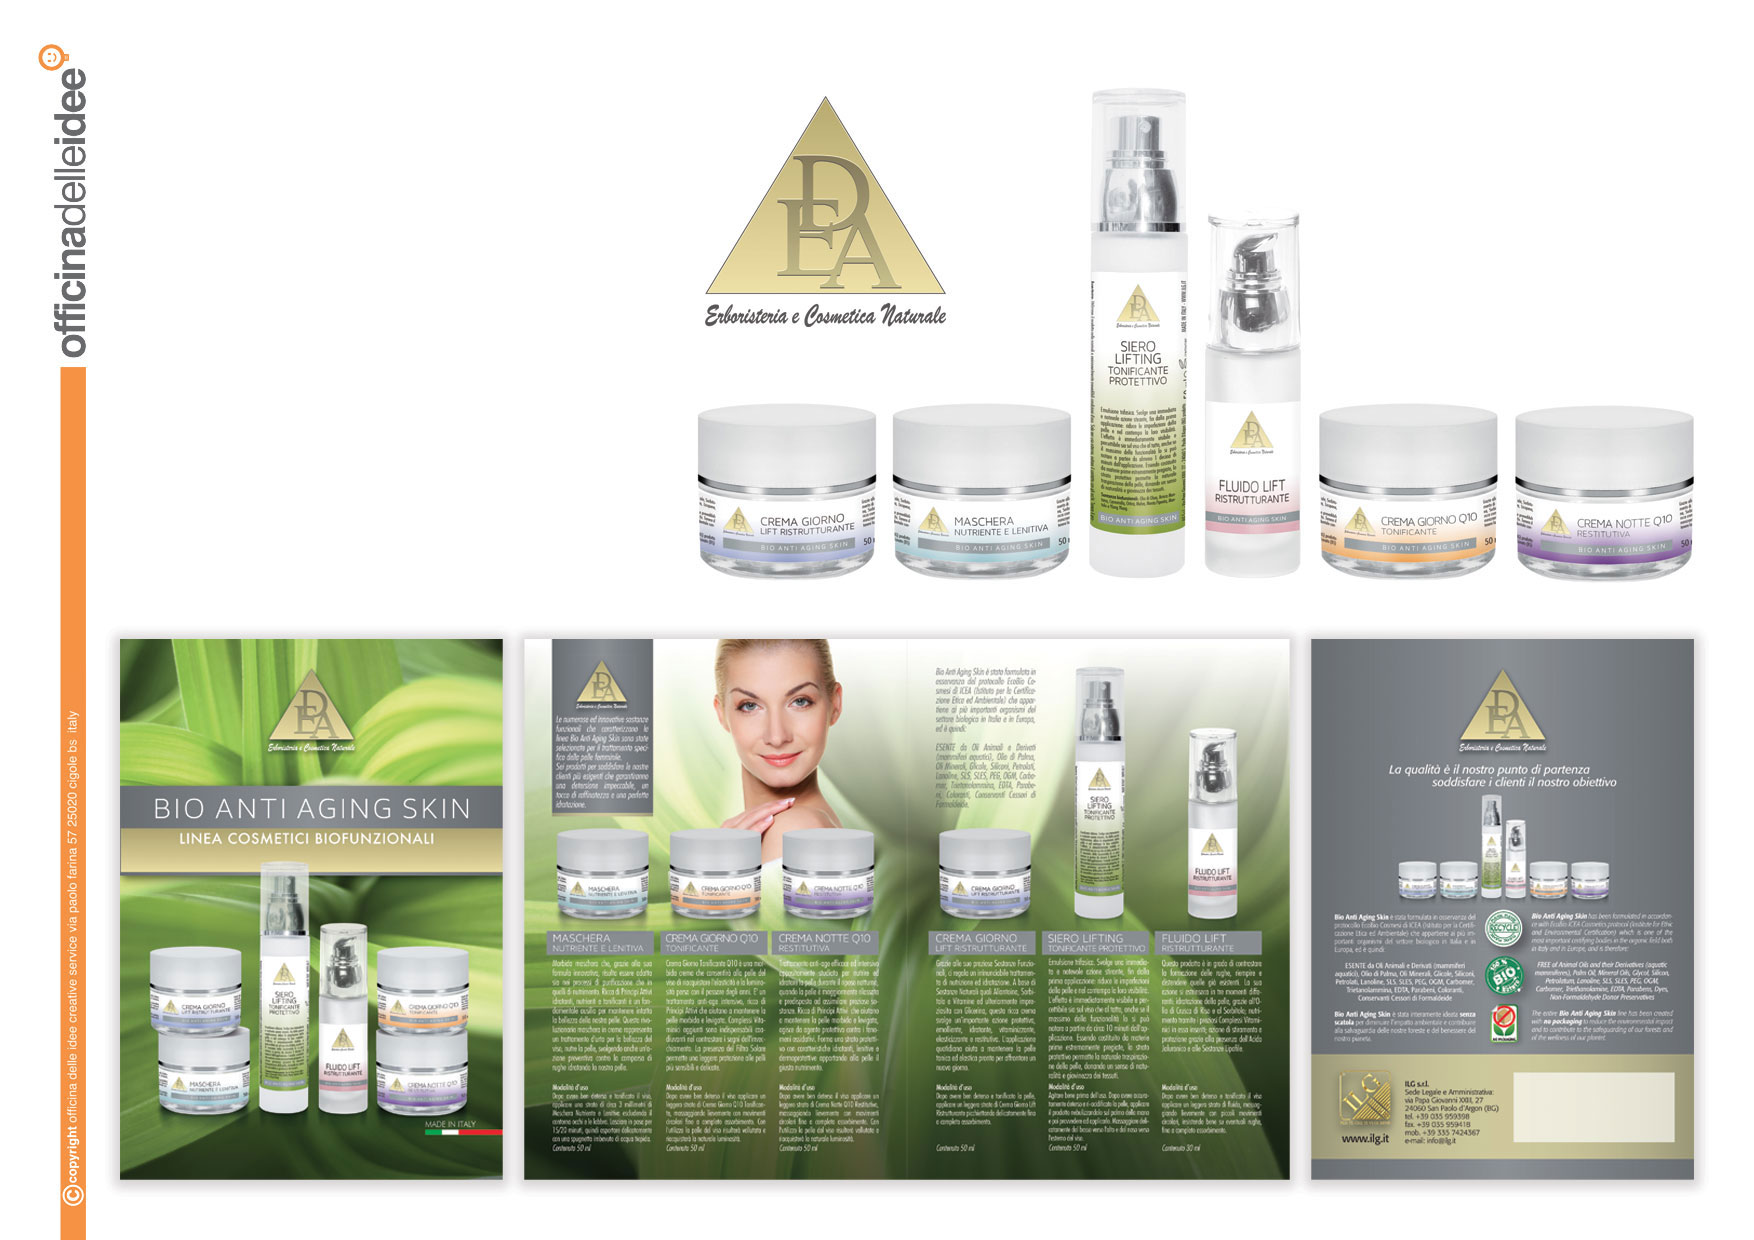 Bio Anti Aging Skin